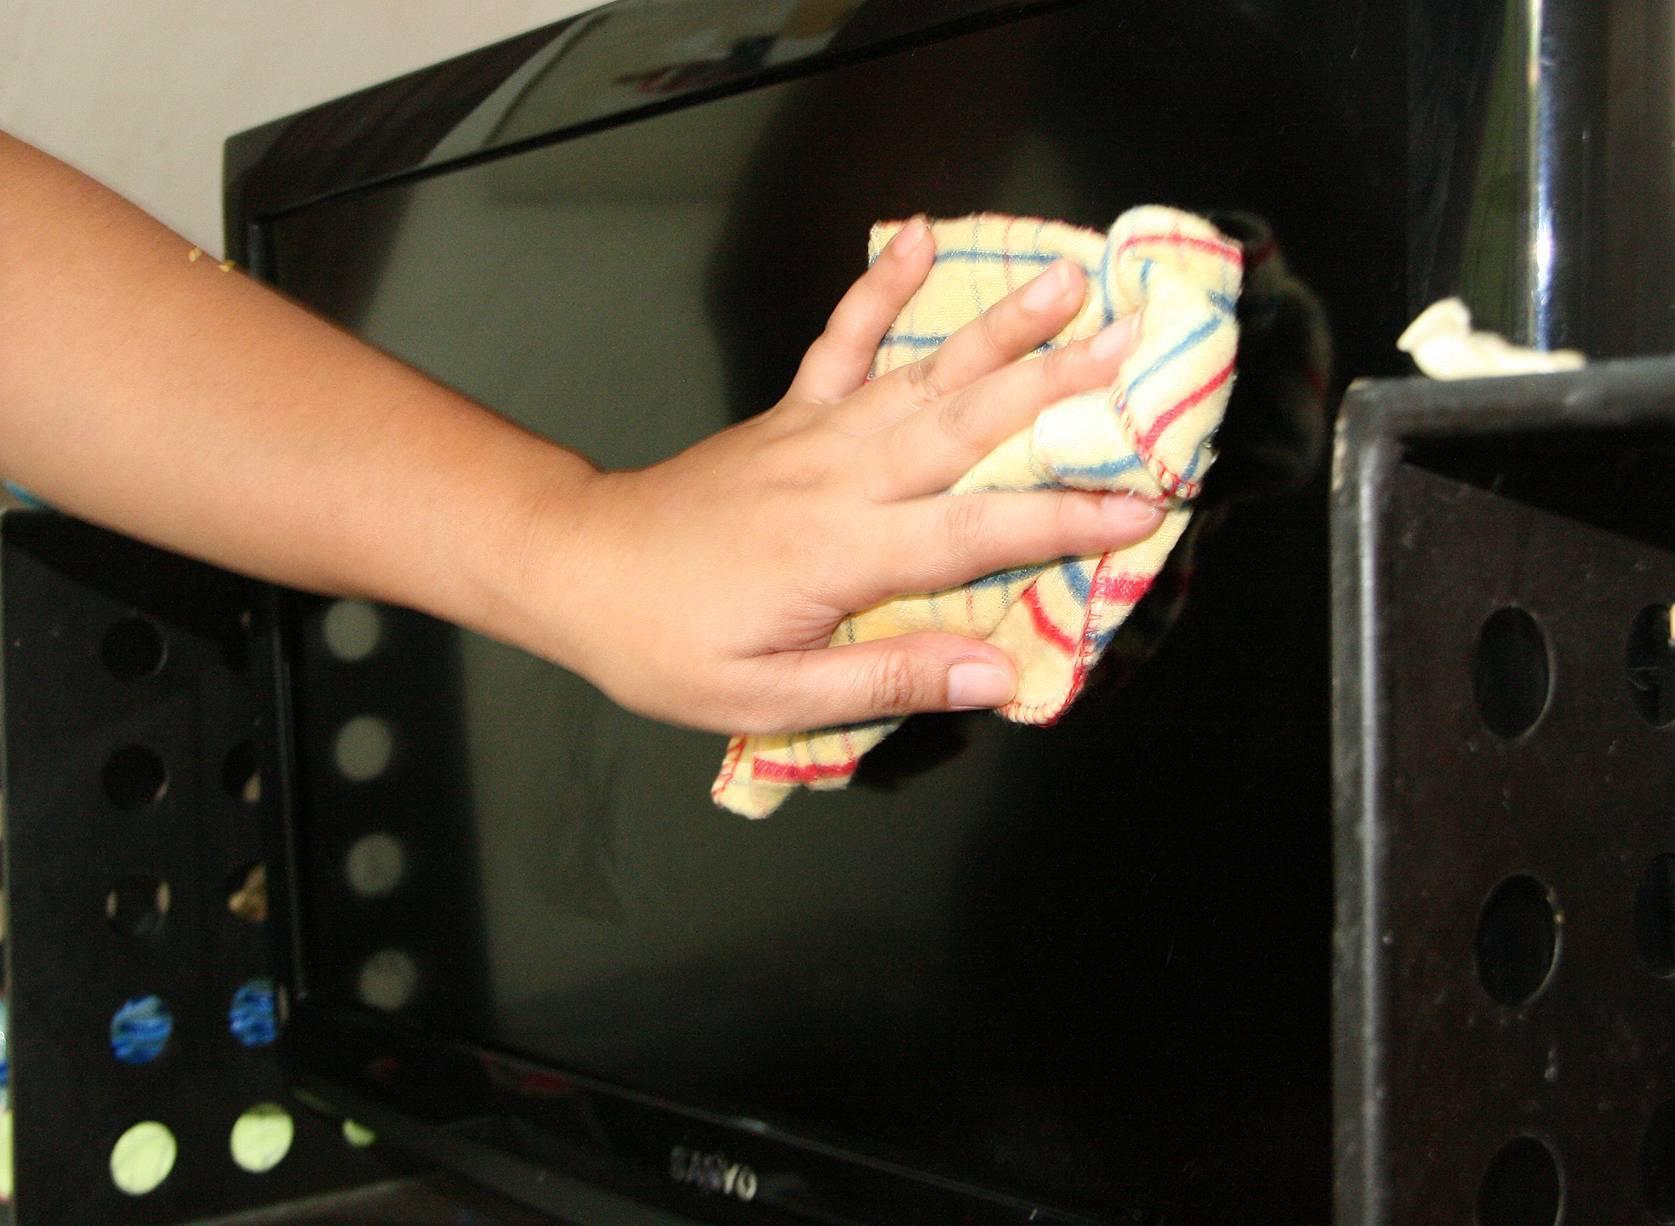 Чем протирать жк-экран в домашних условиях: обзор методов и средств